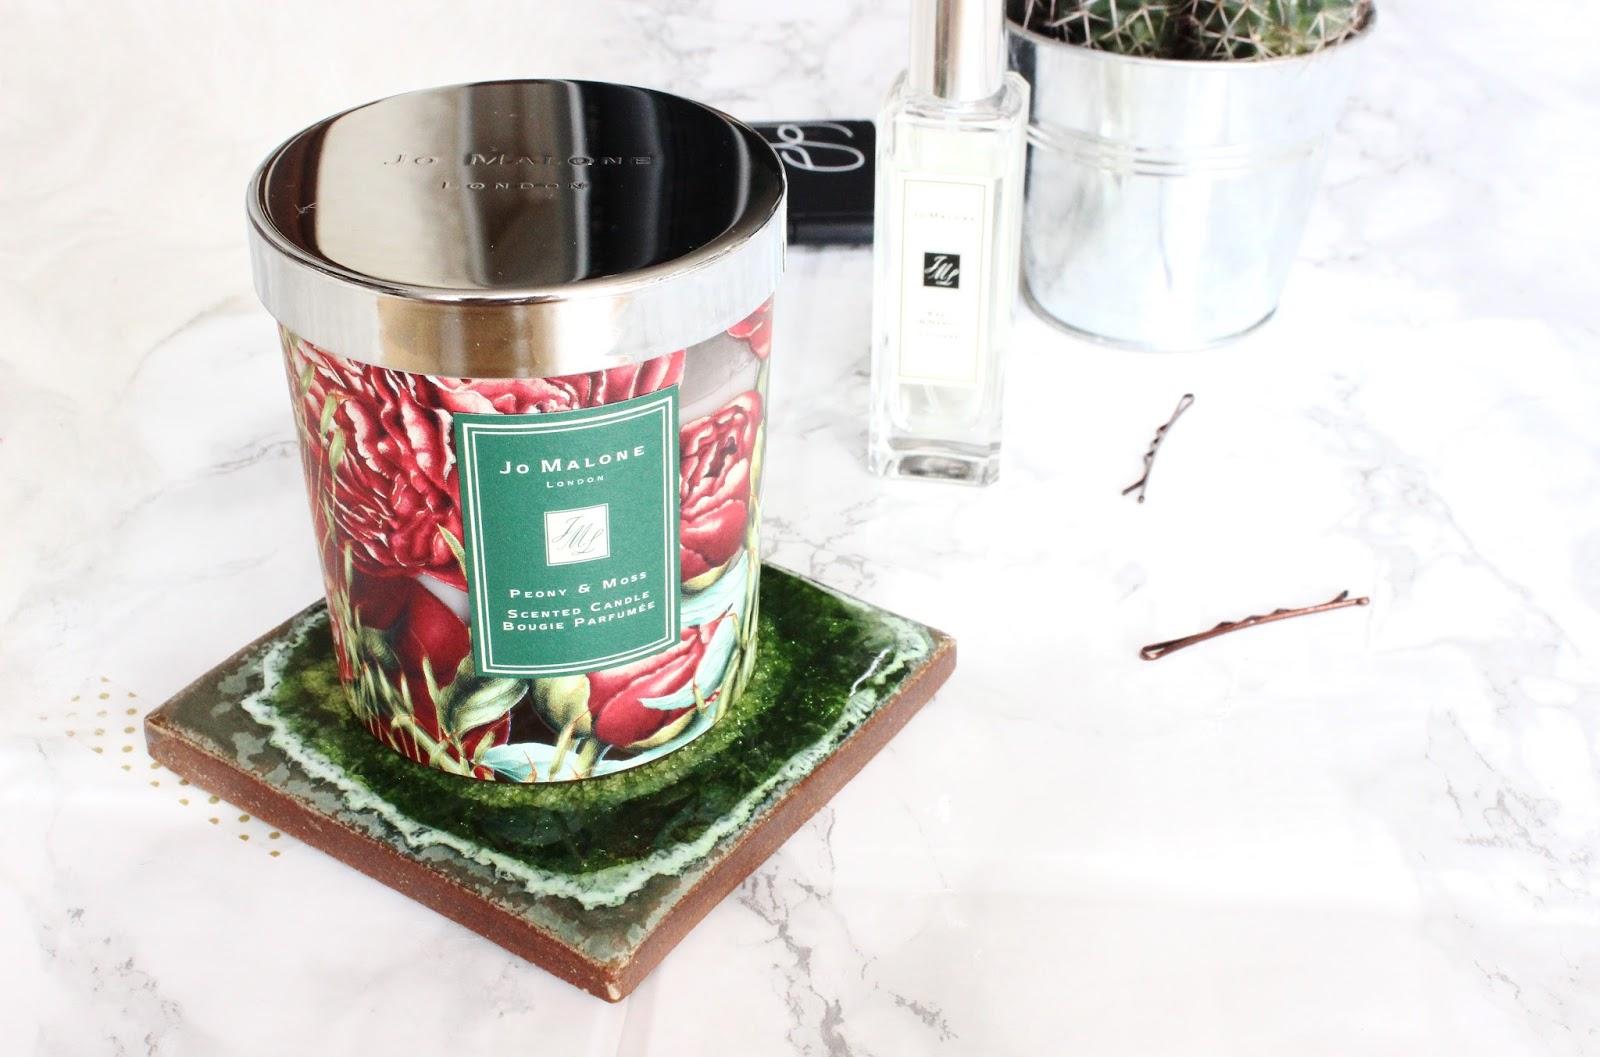 Jo Malone Peony & Moss Charity Candle